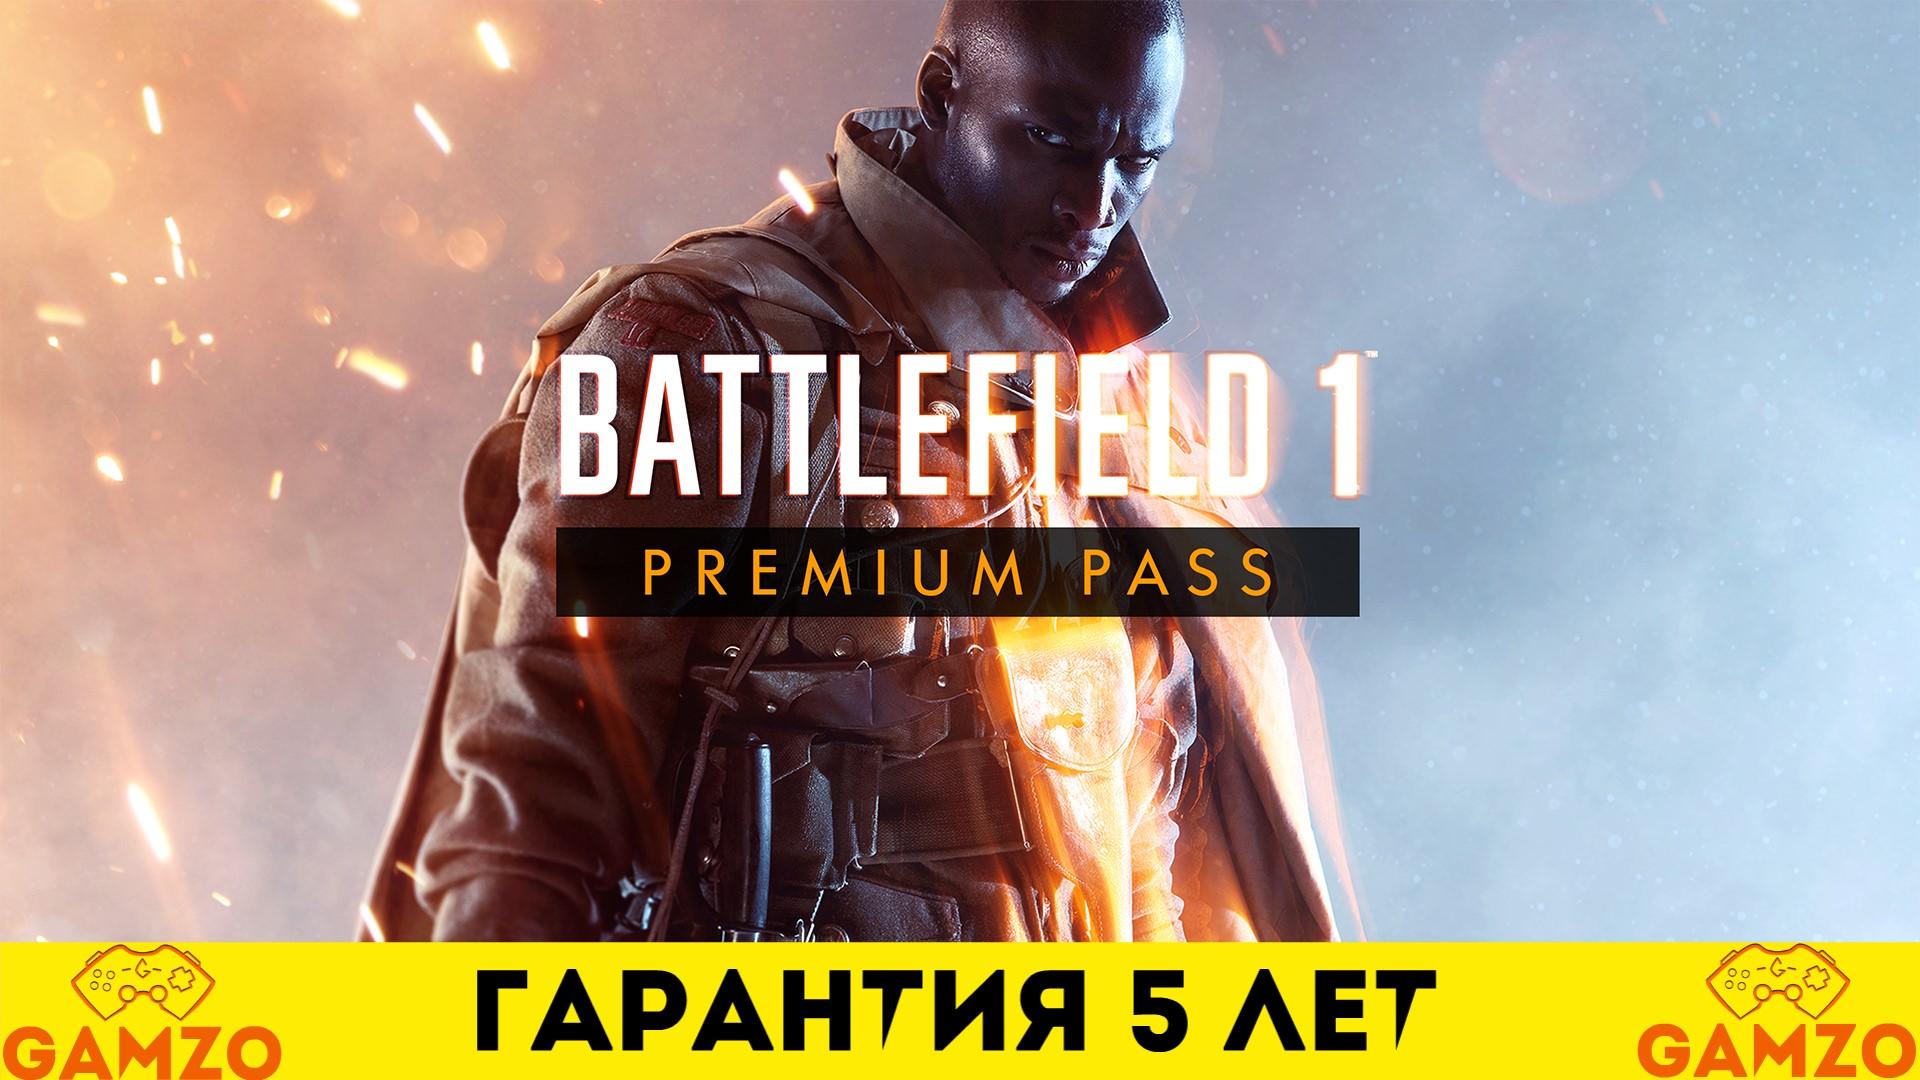 Фотография battlefield 1 premium | гарантия 5 лет | + подарок bf4